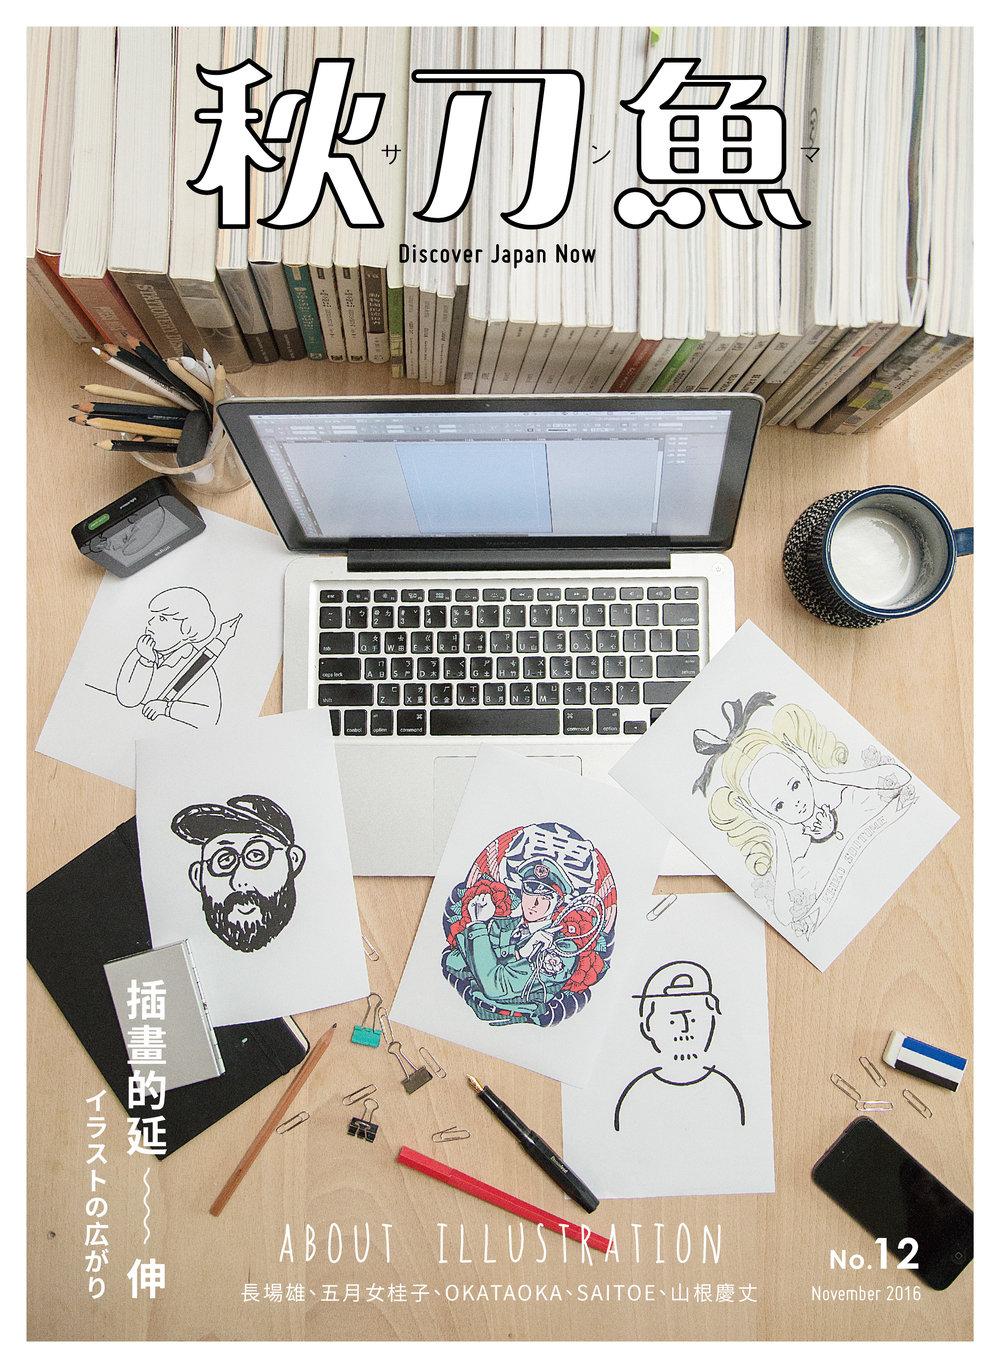 2016年11月號第12期〈插畫的延伸〉